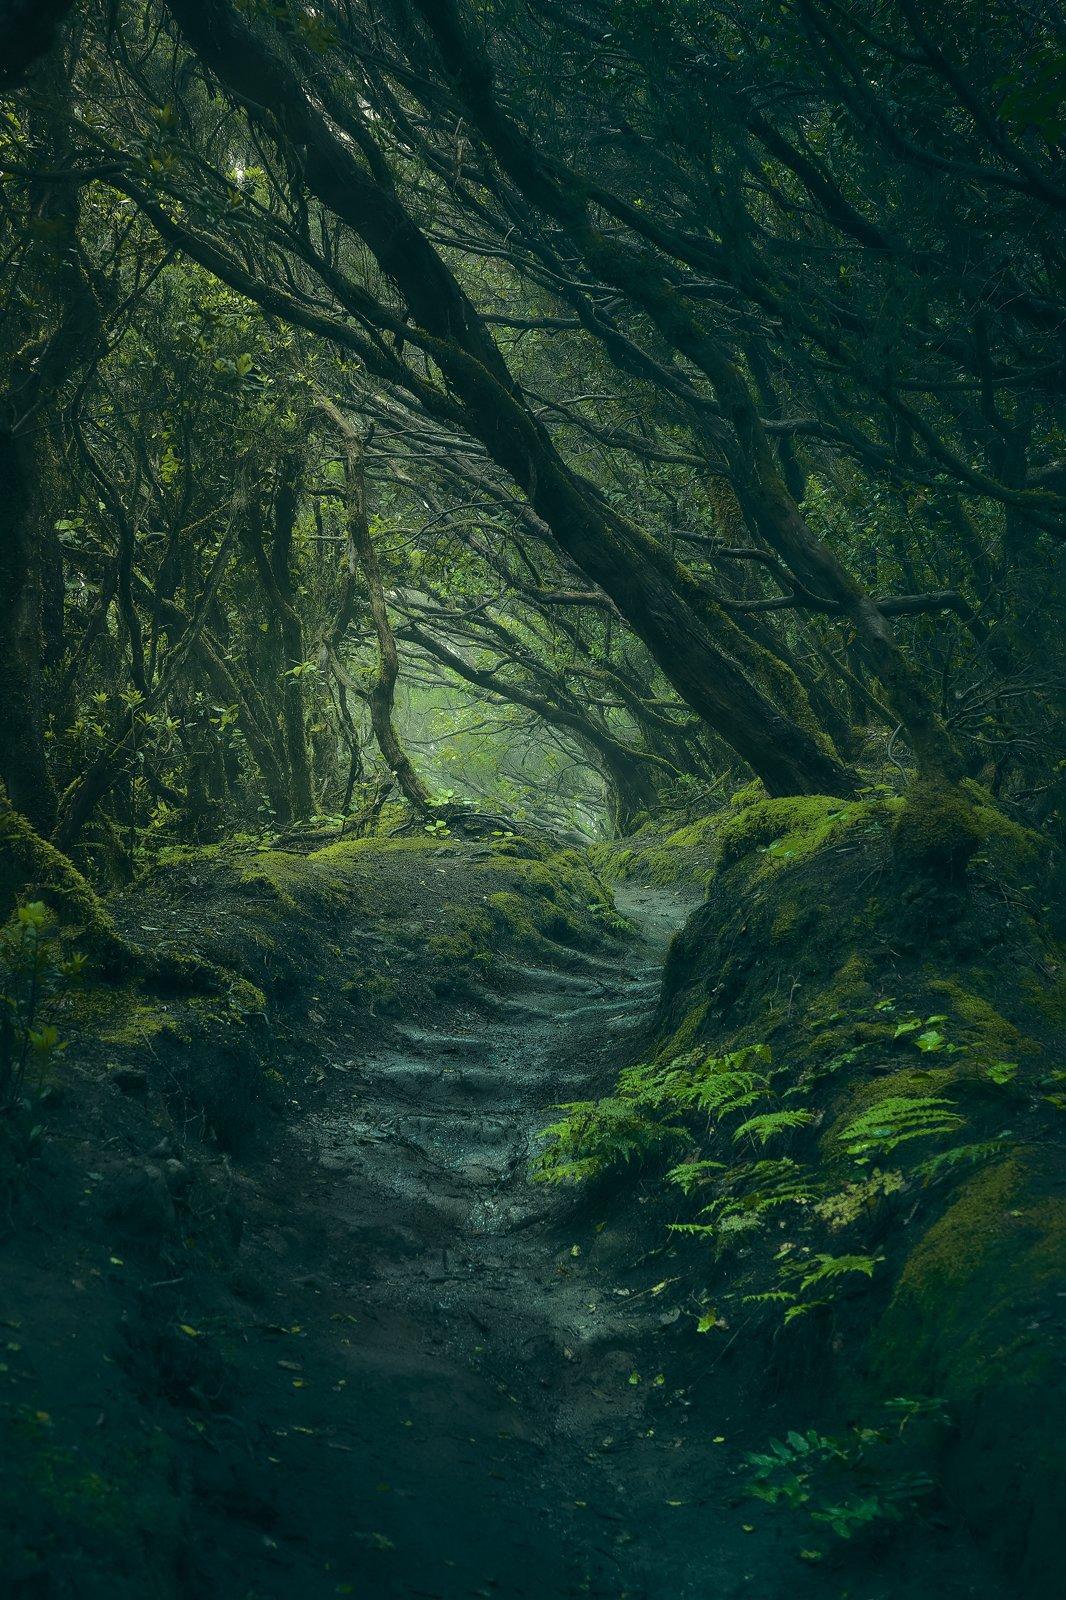 Entering Fangorn